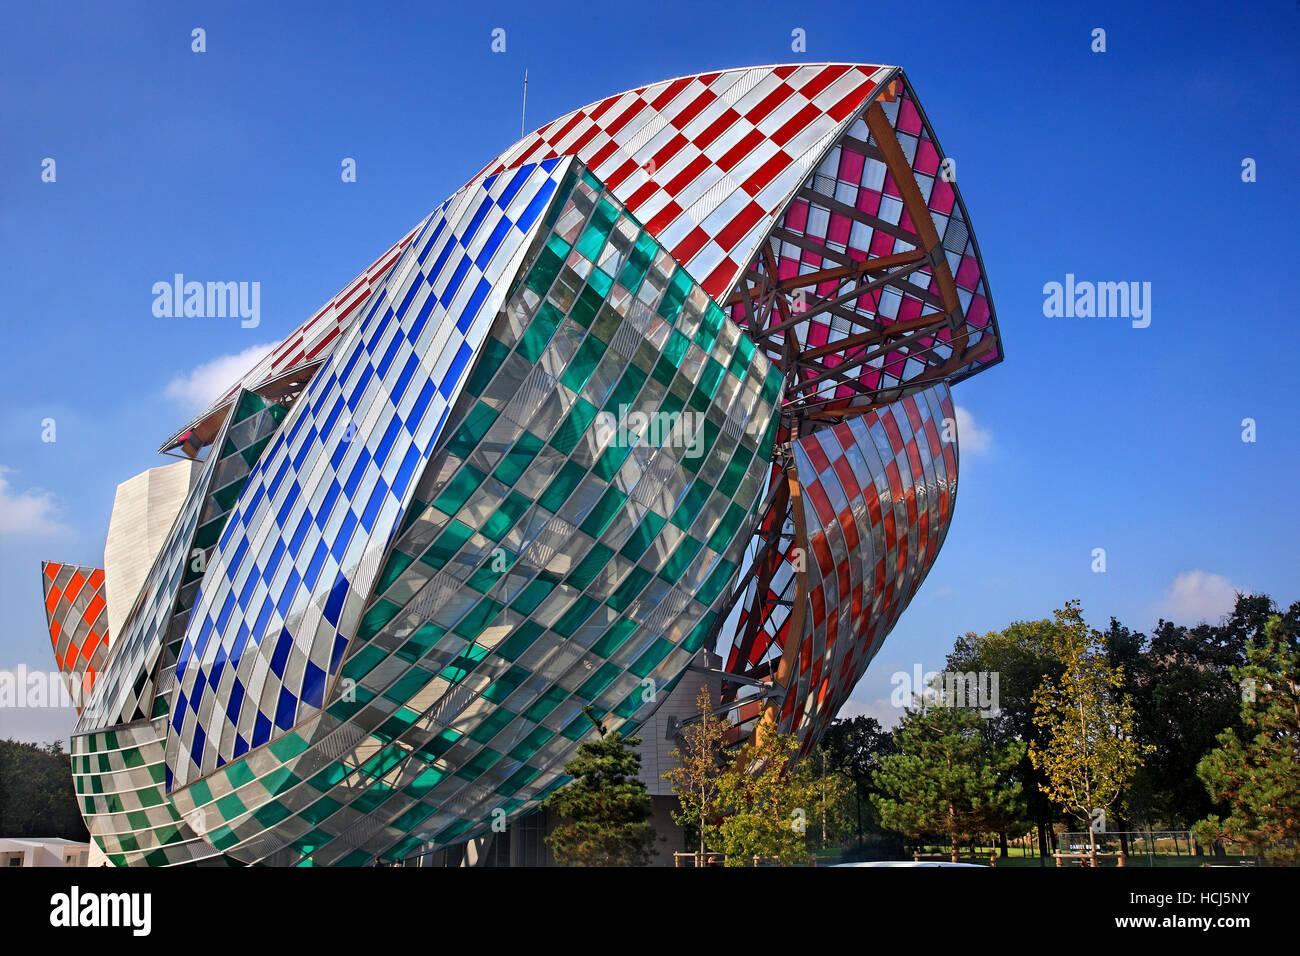 The Louis Vuitton Foundation (architect Frank Gehry) in the Boulonge forest (Bois de Boulogne), Paris, France - Stock Image